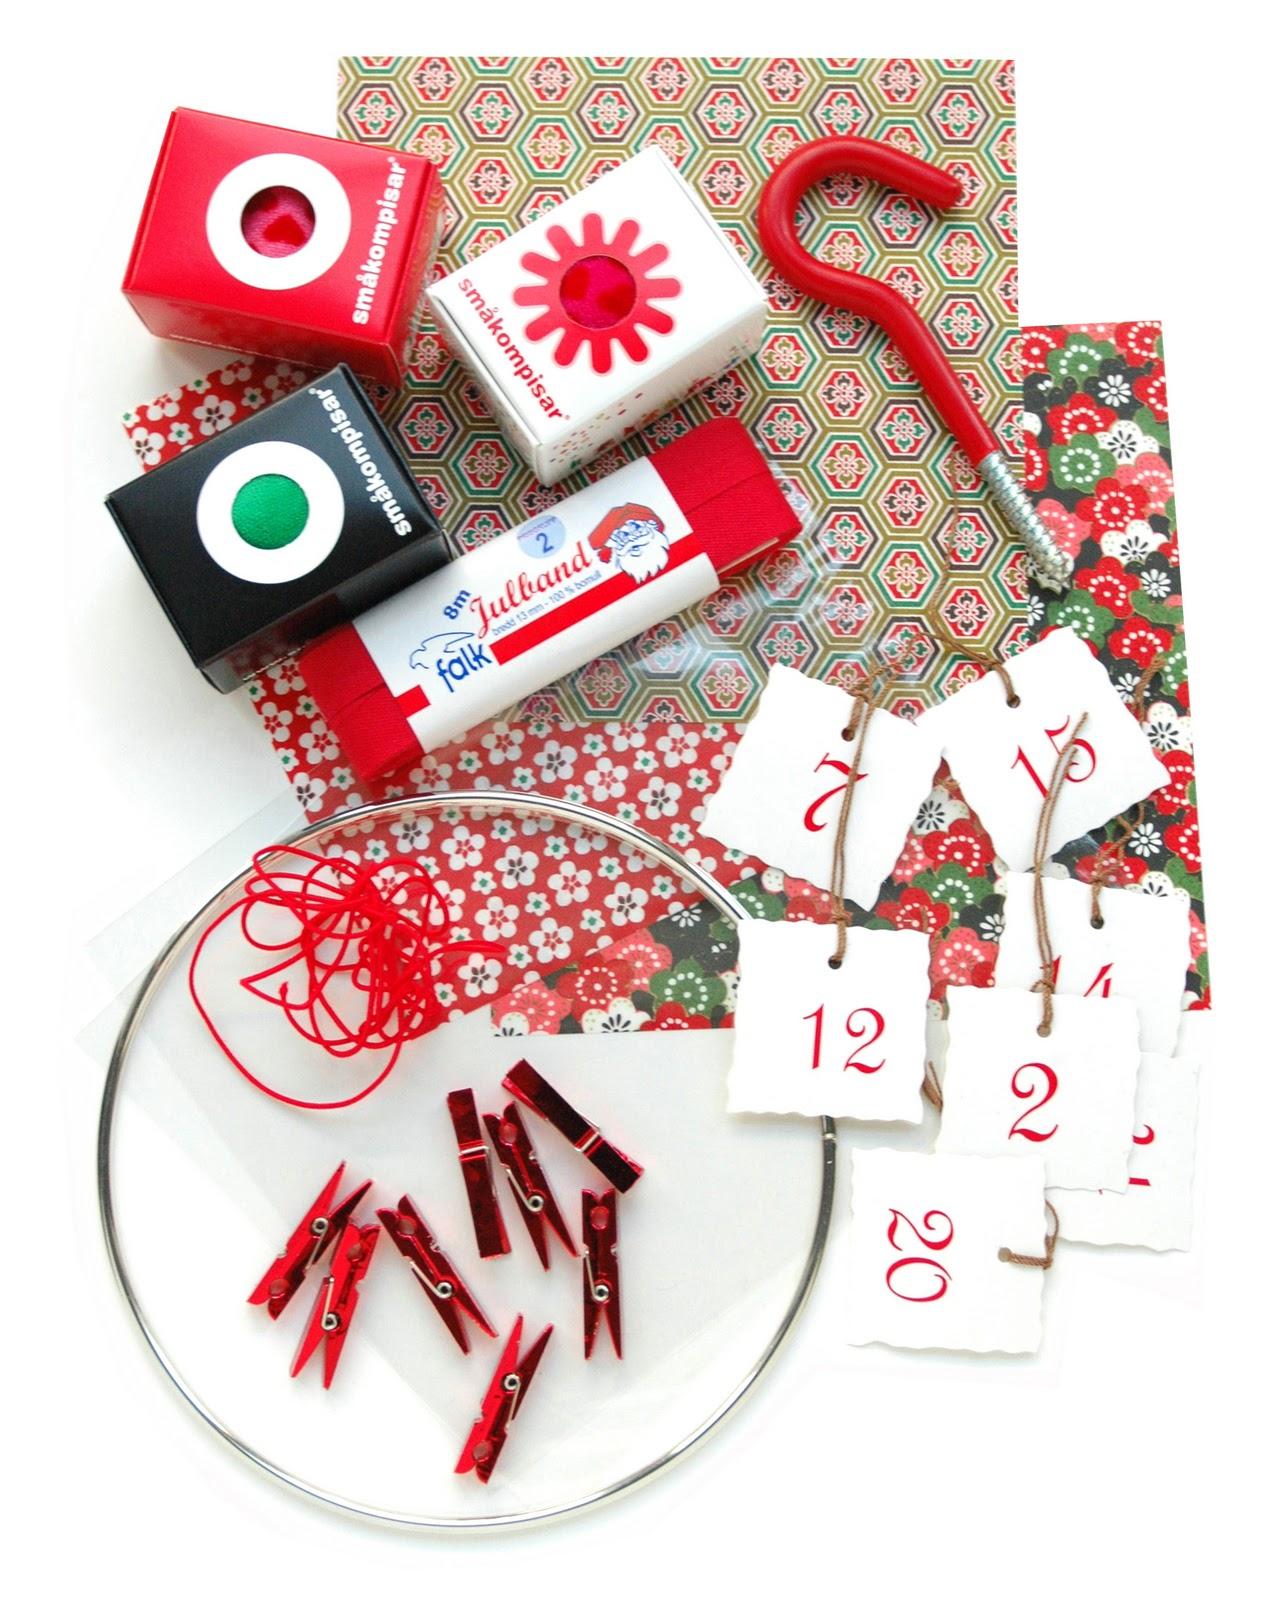 Advent Calendar Design Your Own : Småkompisar create your own advent calendar filled with